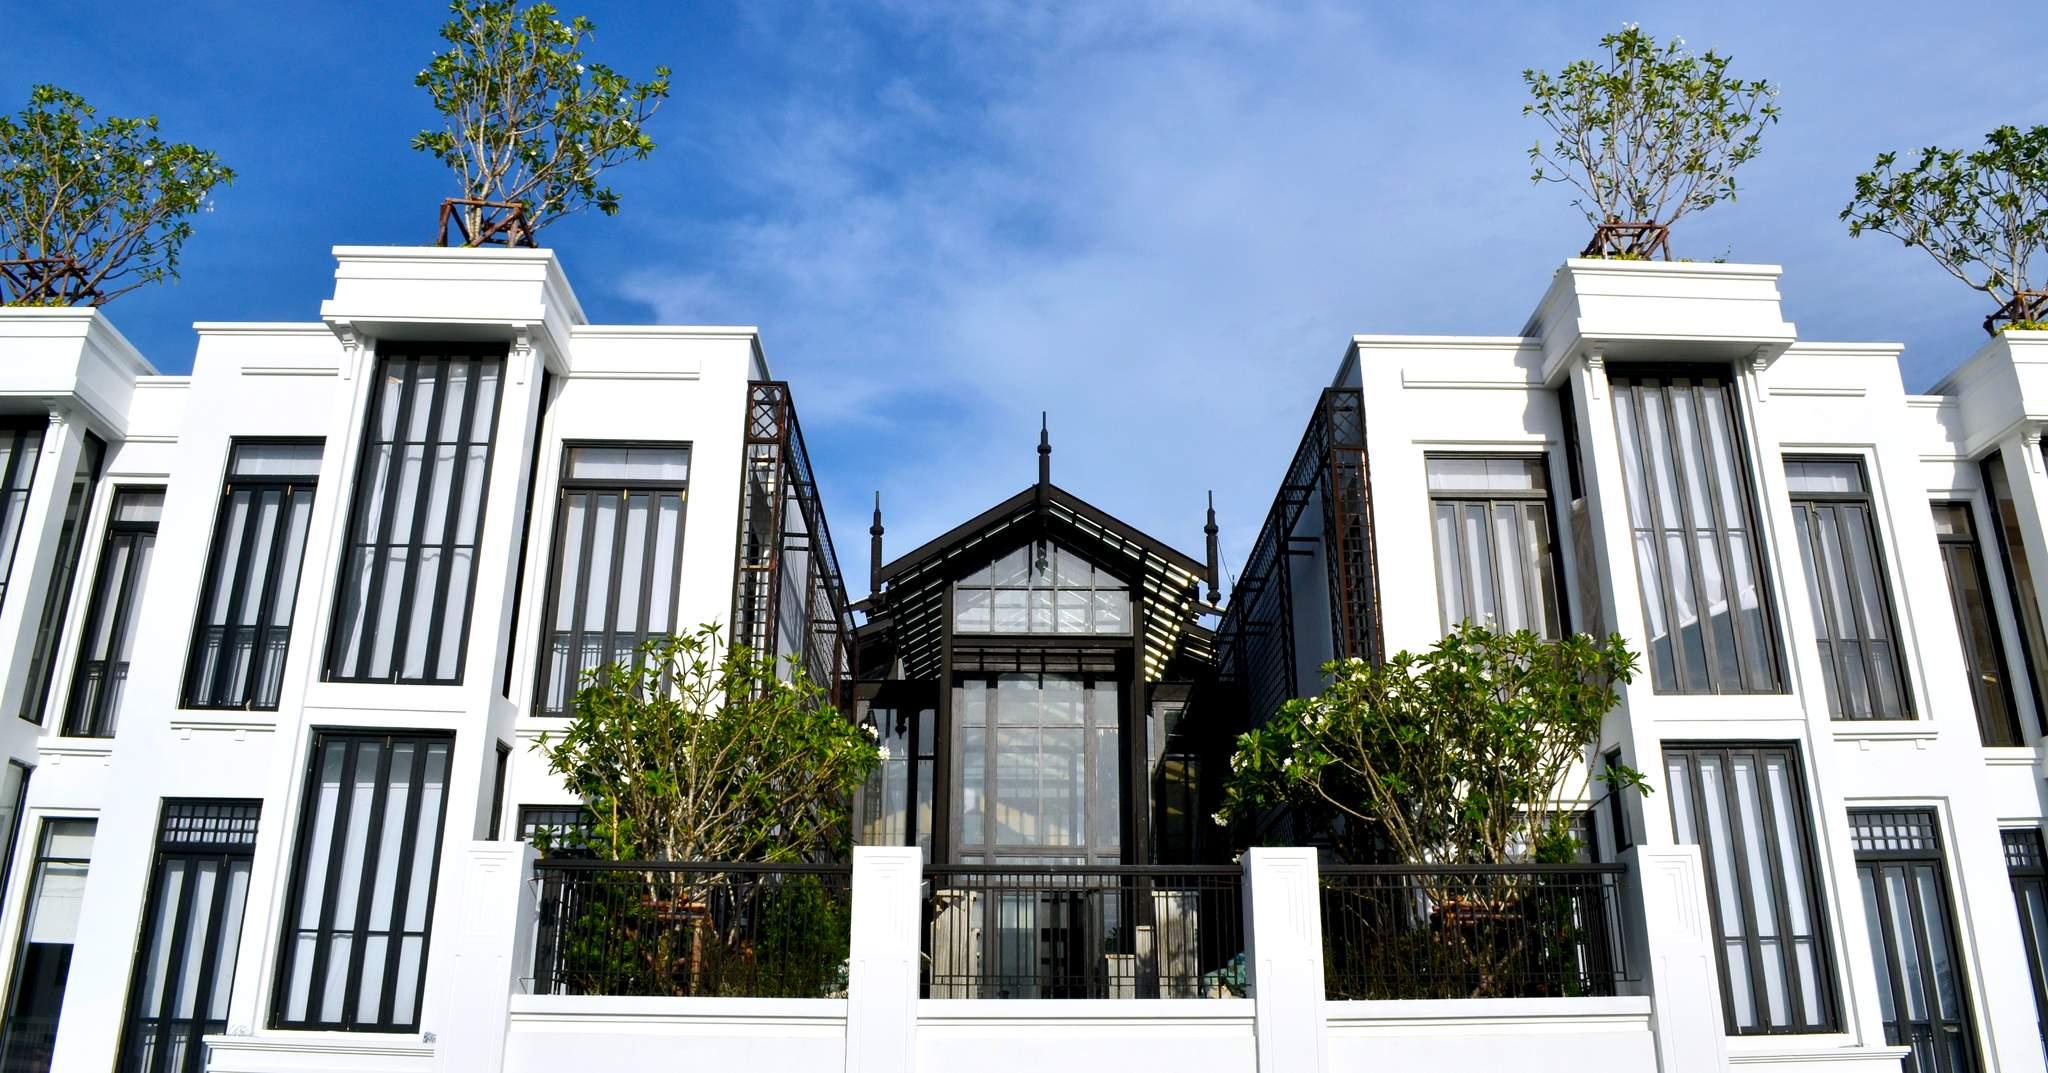 The Siam Hotel